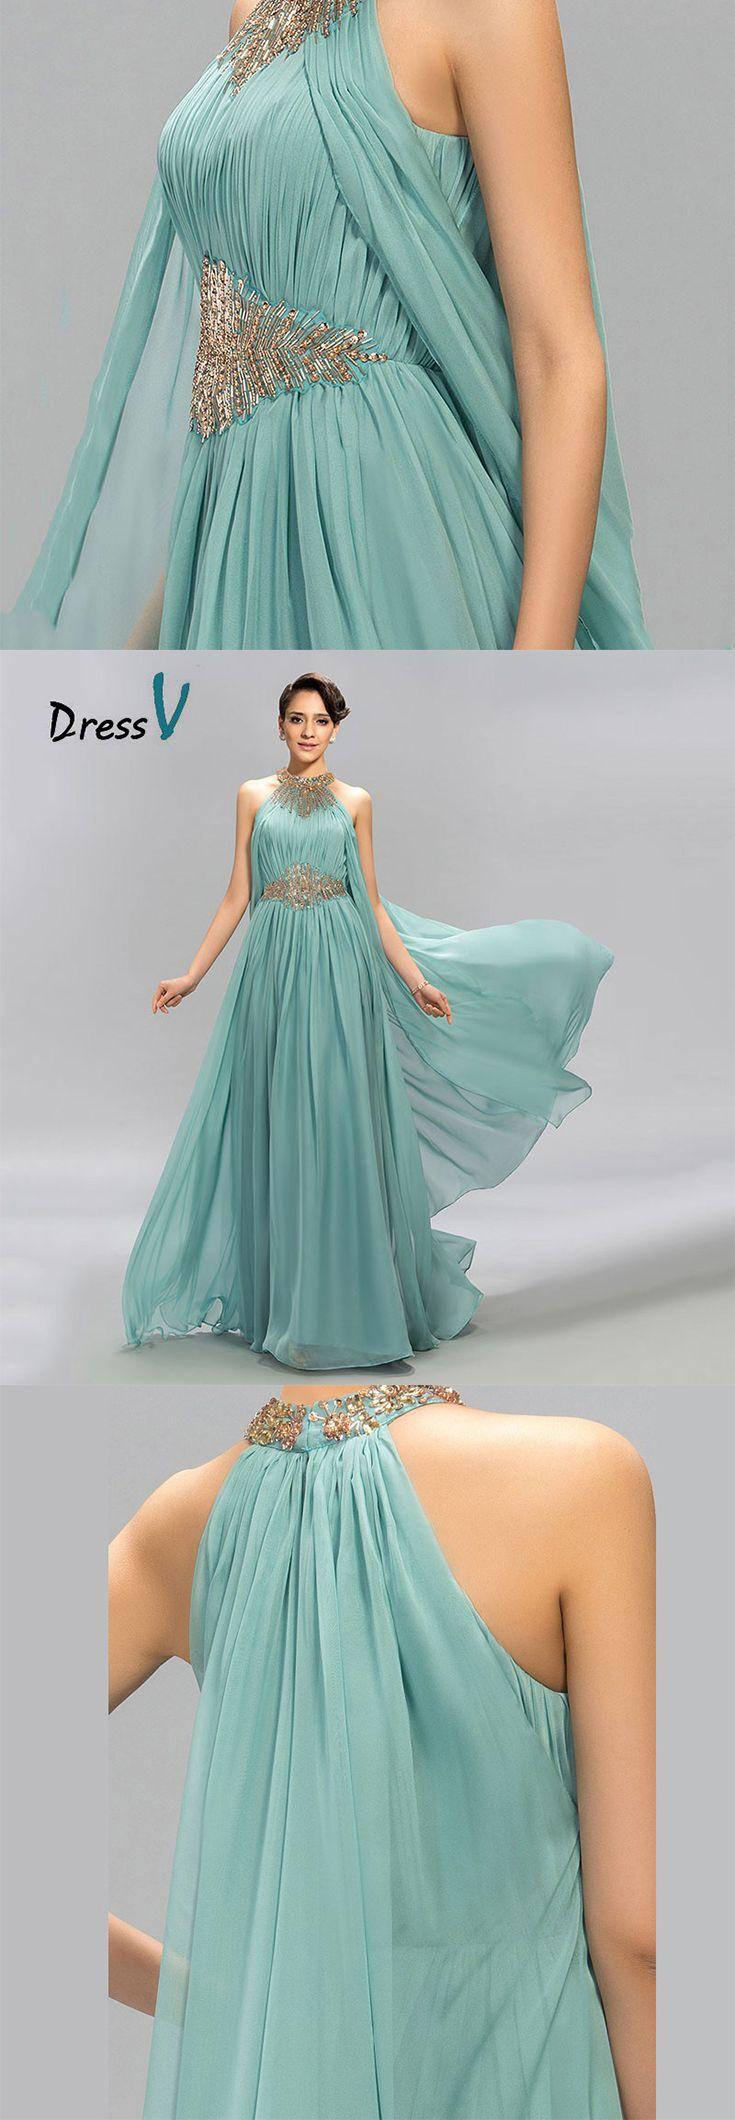 Feel like the aqua goddess herself. Olympus inspired teal prom ...